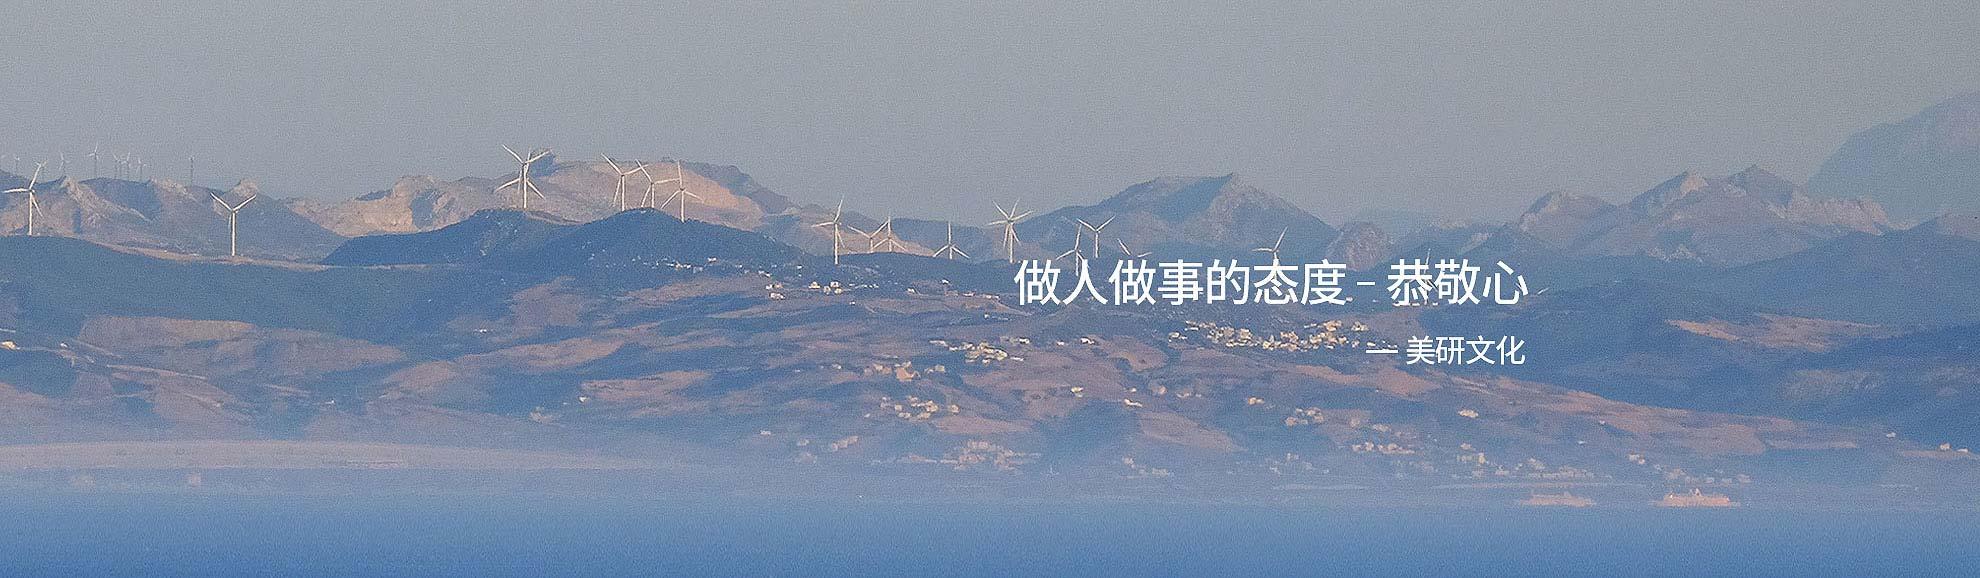 美研banner-3